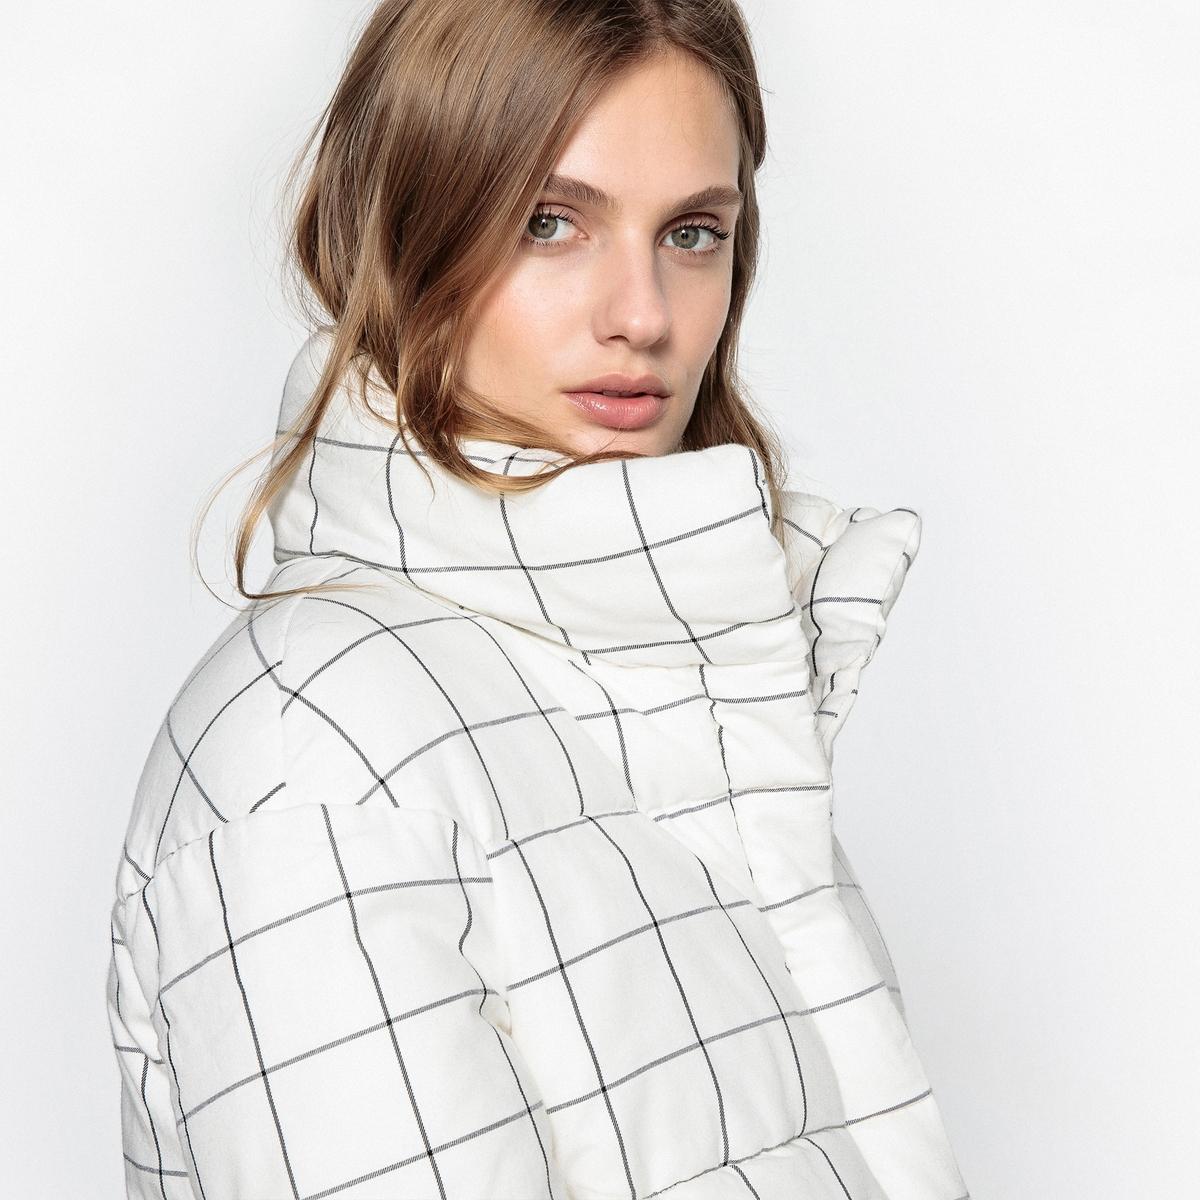 Куртка стеганая в клетку на молнииОписание:Очень модная стеганая куртка! Этой зимой всем нравится оригинальная, теплая, комфортная и актуальная стеганая куртка.Детали •  Длина : укороченная •  Воротник-стойка •  Рисунок в клетку •  Застежка на молниюСостав и уход •  100% полиэстер • Не стирать •  Деликатная чистка/без отбеливателей •  Не использовать барабанную сушку   •  Не гладить •  Длина : 66 см<br><br>Цвет: в клетку черный,в клетку экрю<br>Размер: 50 (FR) - 56 (RUS).46 (FR) - 52 (RUS).44 (FR) - 50 (RUS).40 (FR) - 46 (RUS).38 (FR) - 44 (RUS).34 (FR) - 40 (RUS).52 (FR) - 58 (RUS).50 (FR) - 56 (RUS).48 (FR) - 54 (RUS).46 (FR) - 52 (RUS).44 (FR) - 50 (RUS).42 (FR) - 48 (RUS).38 (FR) - 44 (RUS).36 (FR) - 42 (RUS).48 (FR) - 54 (RUS).36 (FR) - 42 (RUS).52 (FR) - 58 (RUS).40 (FR) - 46 (RUS).34 (FR) - 40 (RUS).42 (FR) - 48 (RUS)